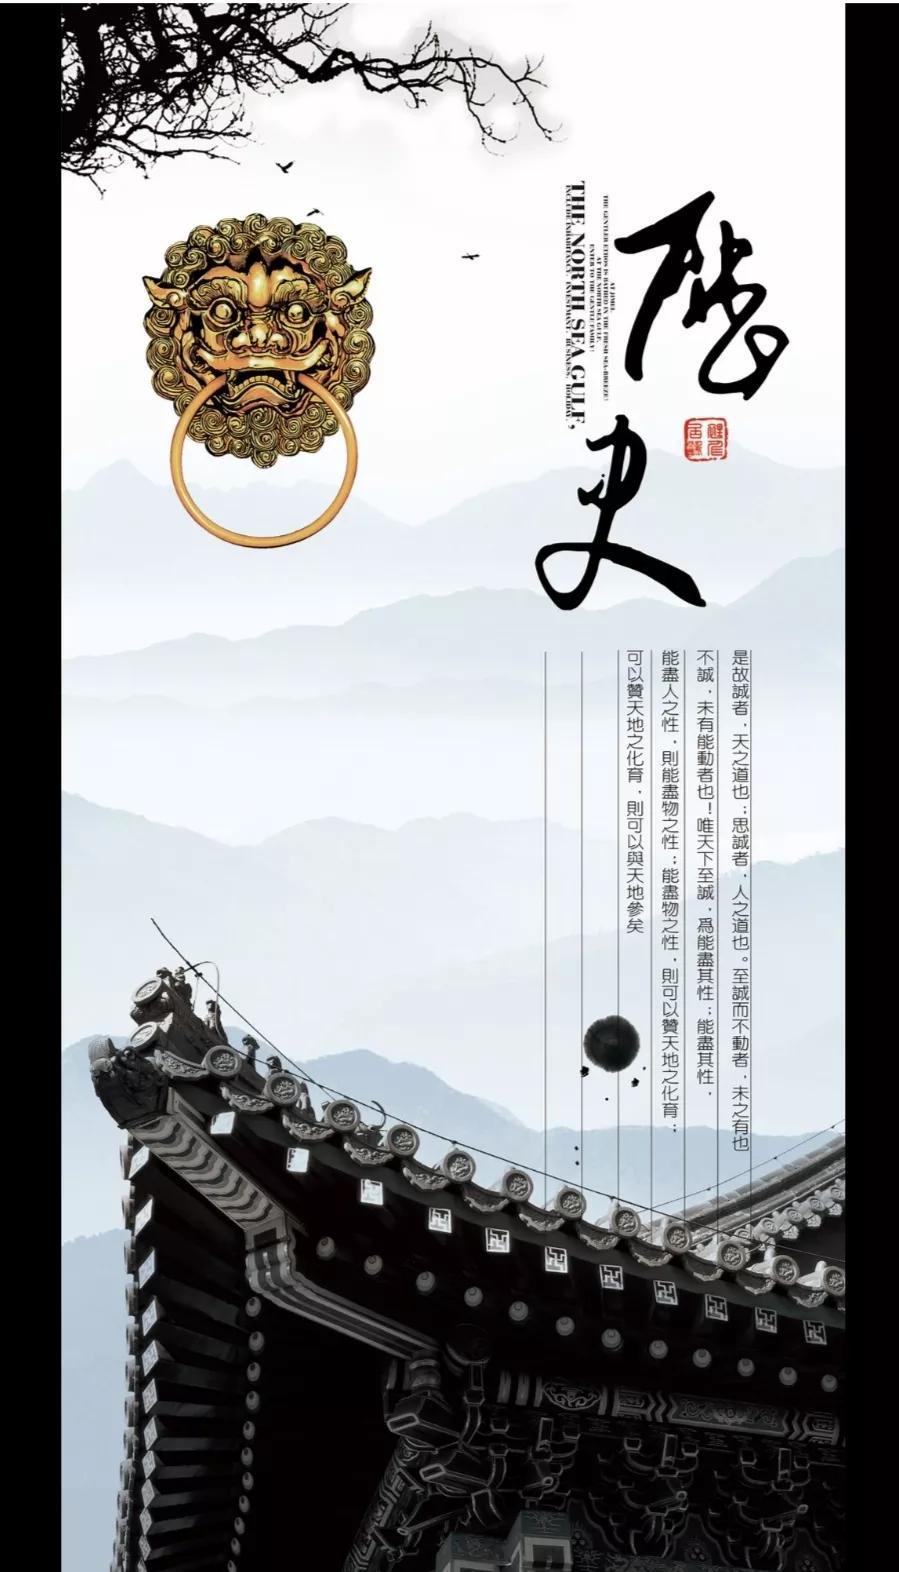 中国历史朝代顺序表(中国历代王朝顺序表)